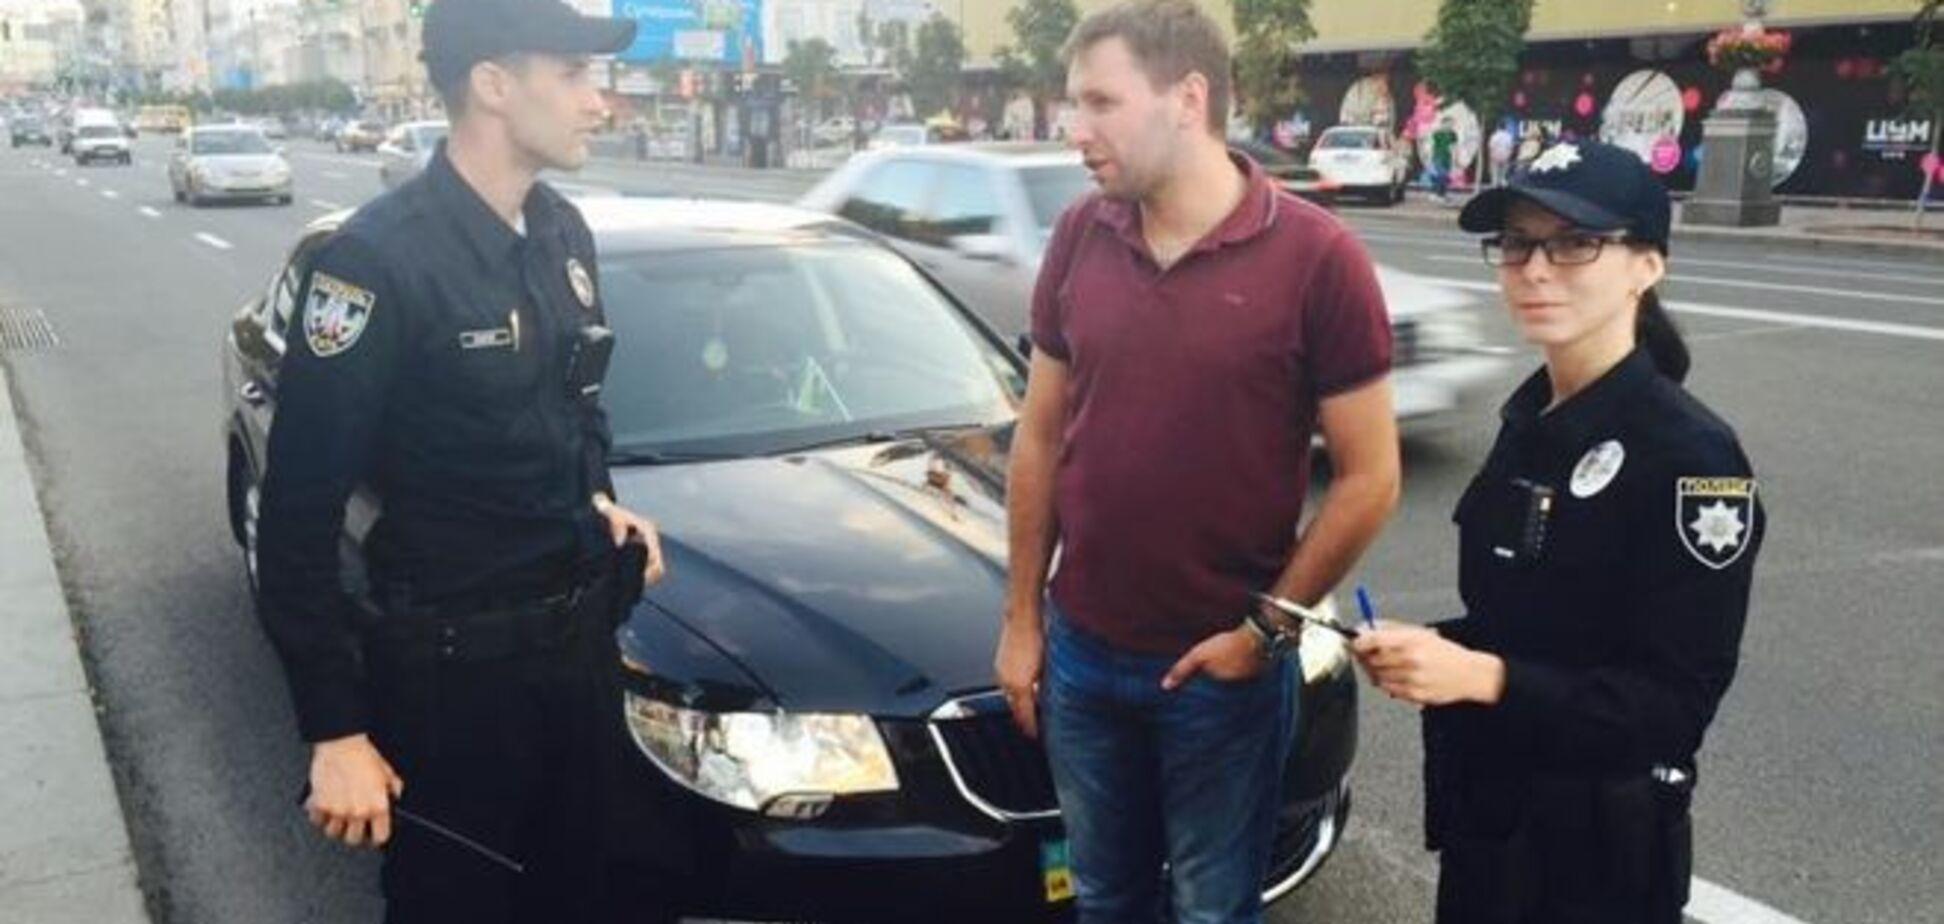 Новая полиция 'тормознула' нардепа Парасюка: фотофакт